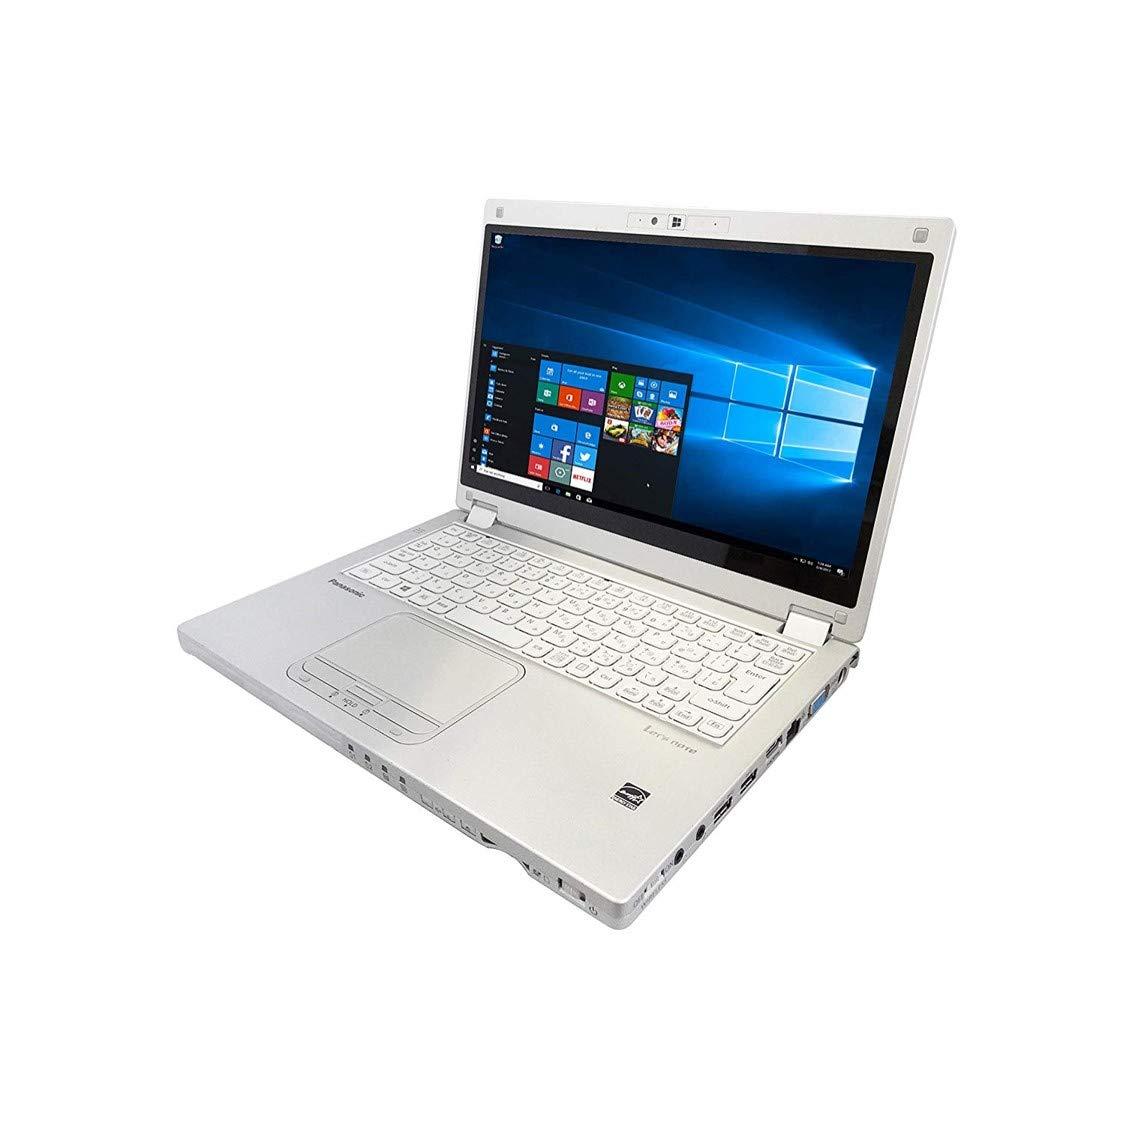 【 開梱 設置?無料 】 【Microsoft Office 2016搭載【Microsoft】【Win 10搭載】Panasonic B07P82ZVNH CF-MX5/第六世代Core SSD:256GB i5-6300U 2.4GHz/メモリ:8GB/SSD:256GB/12.5型タッチパネル/Webカメラ/HDMI/SDカード/WIFI/Bluetooth/USB 3.0/スタイラスペン付属/中古ノートパソコン (SSD:256GB) B07P82ZVNH SSD:256GB, One thread(ワンスレッド):9eb14db8 --- efichas.com.br